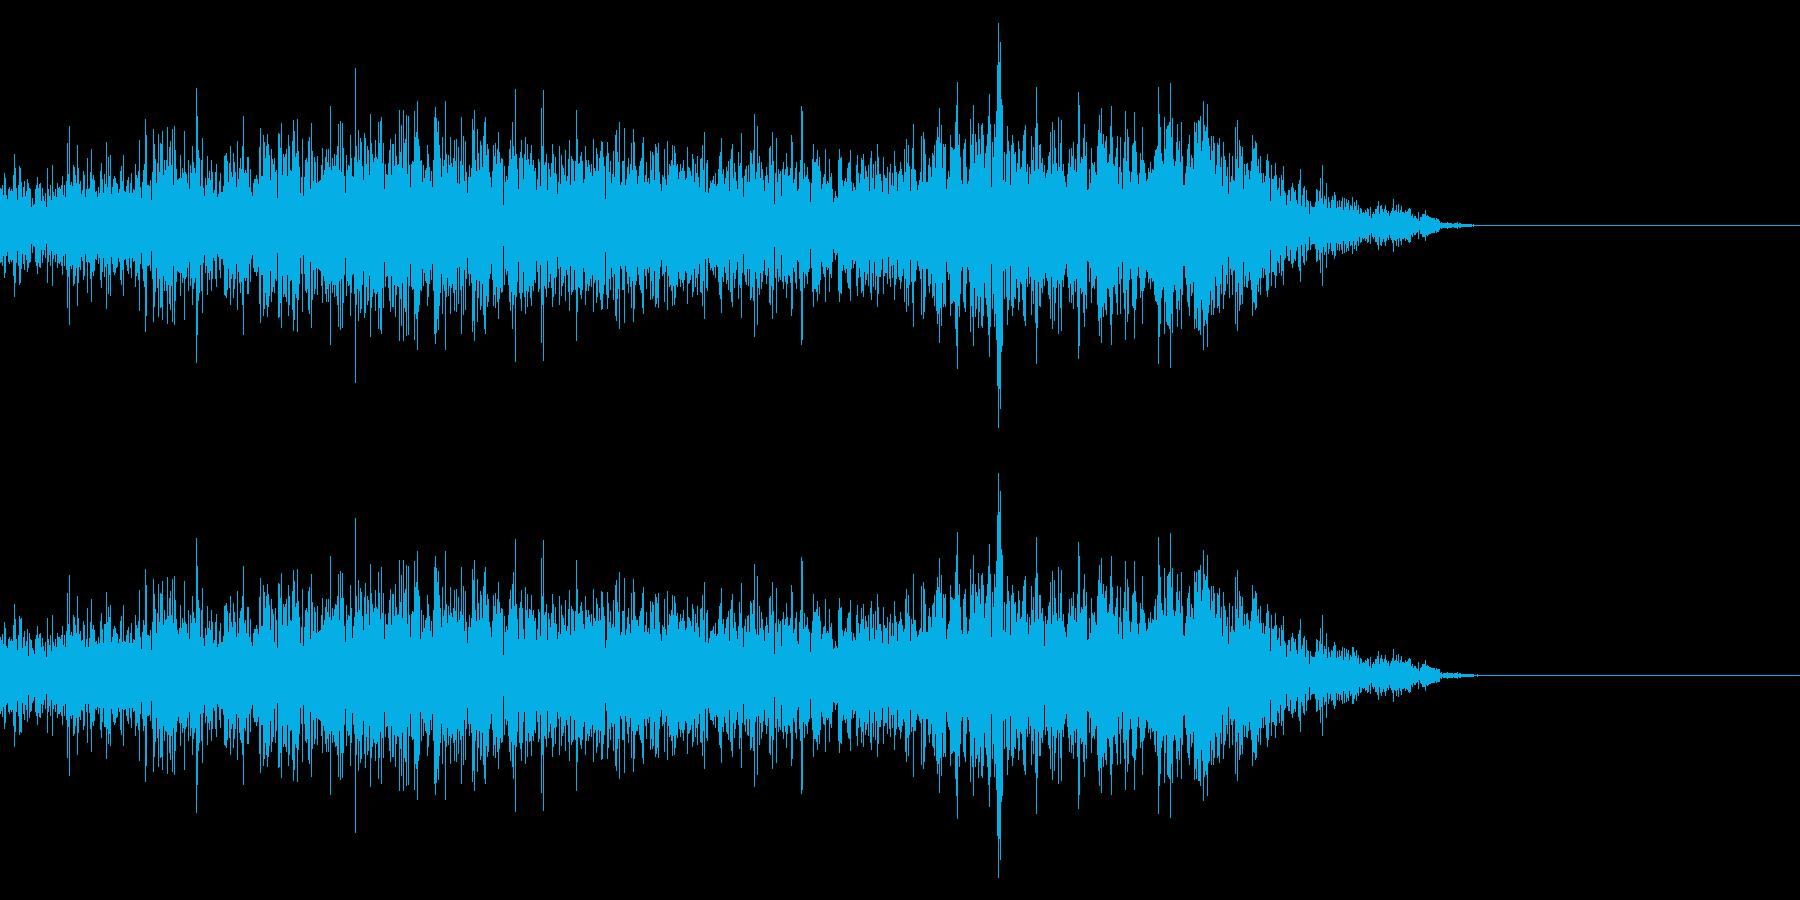 若干SFじみた音 高音域が目立つの再生済みの波形